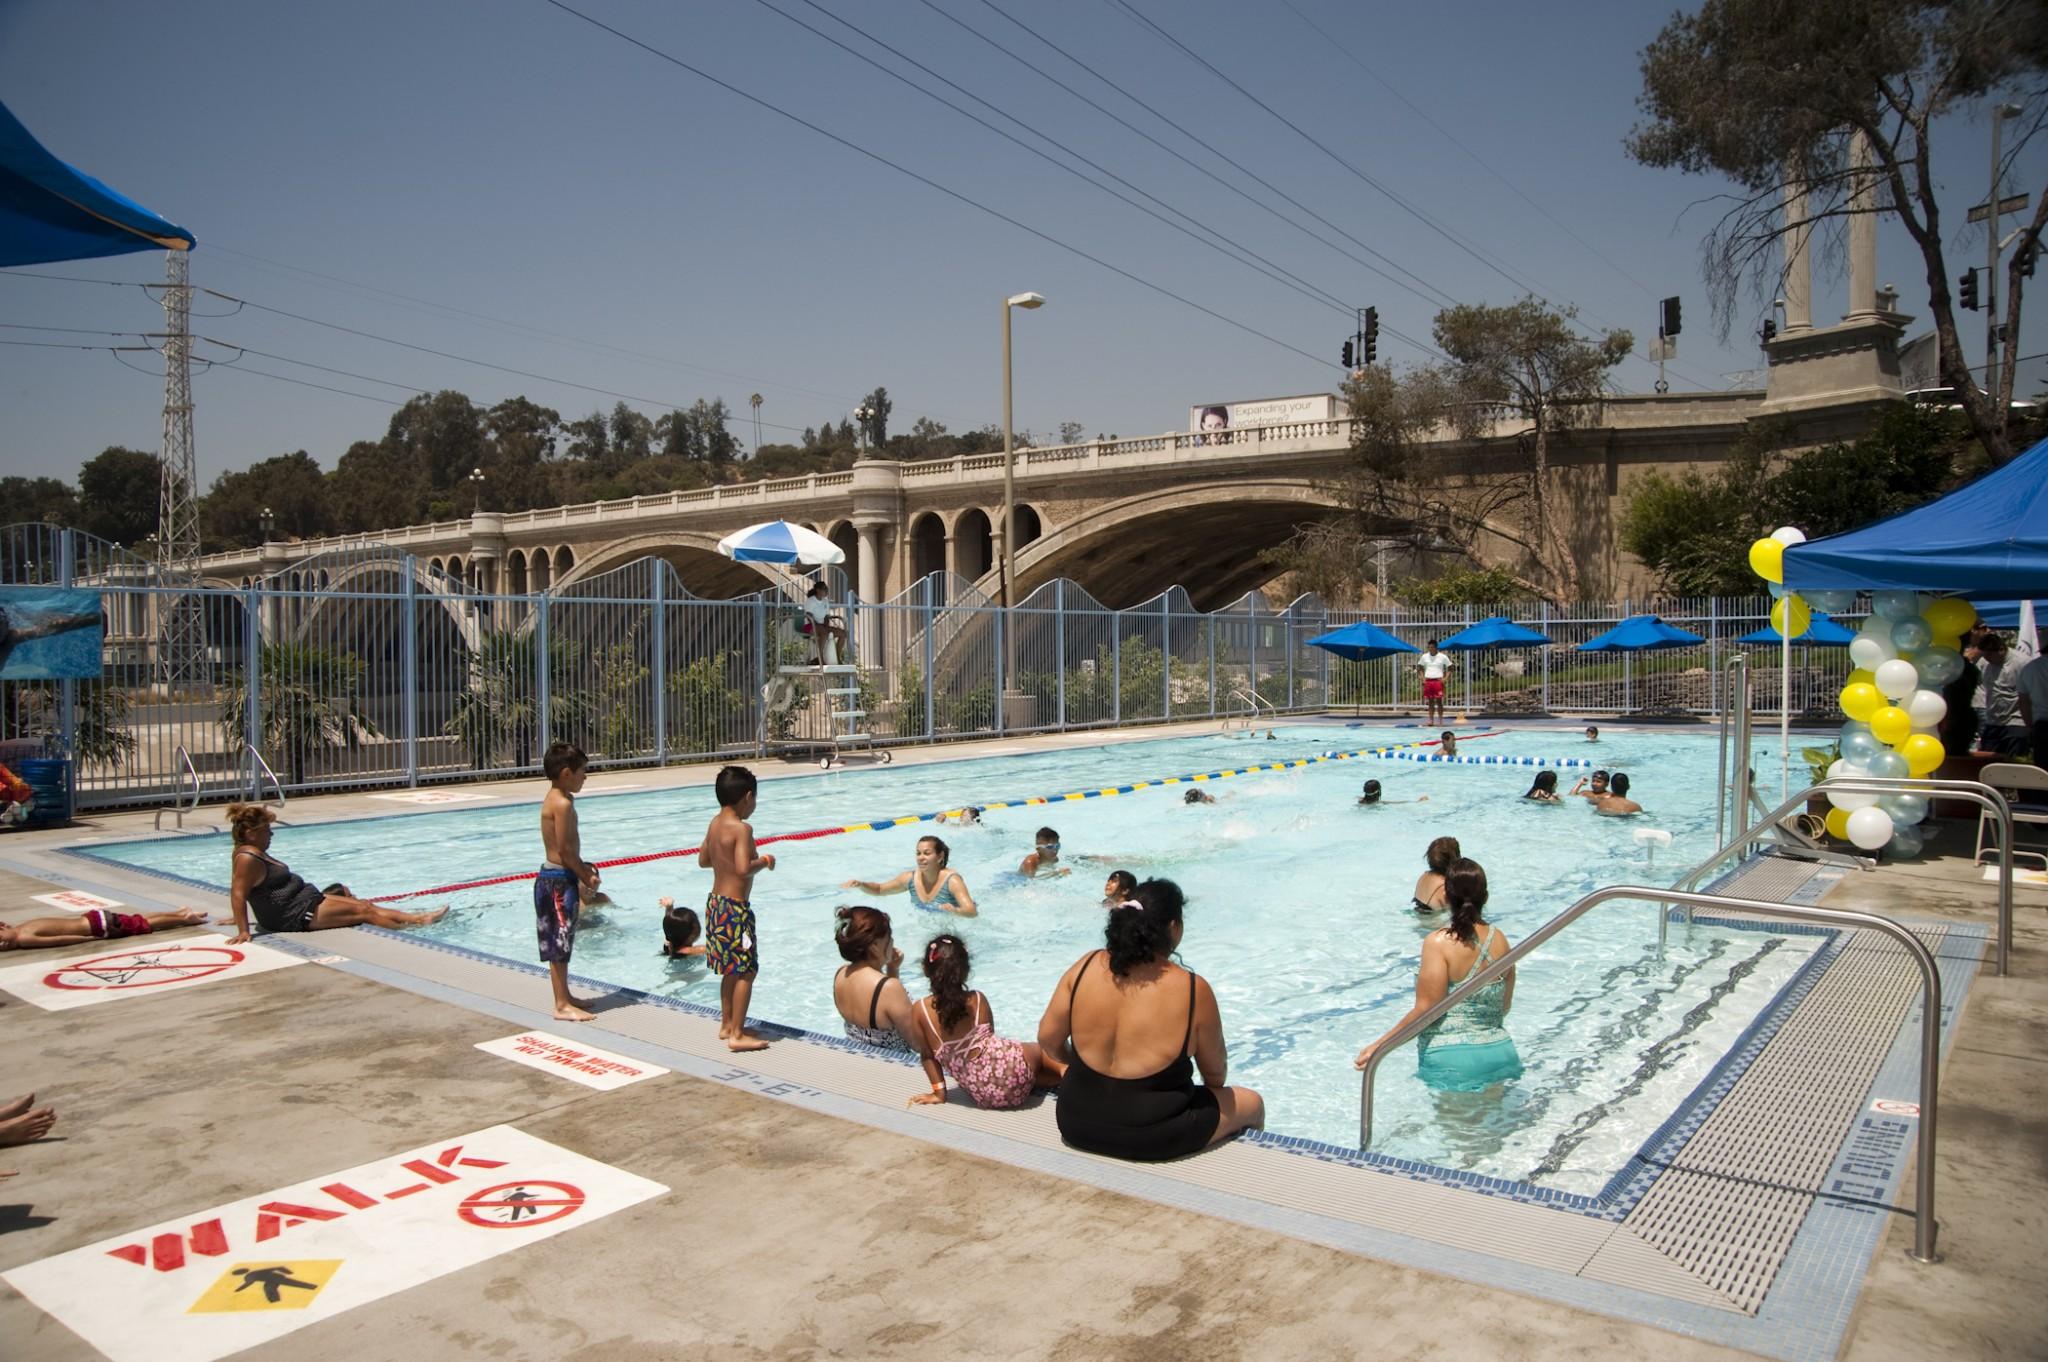 Downey Pool